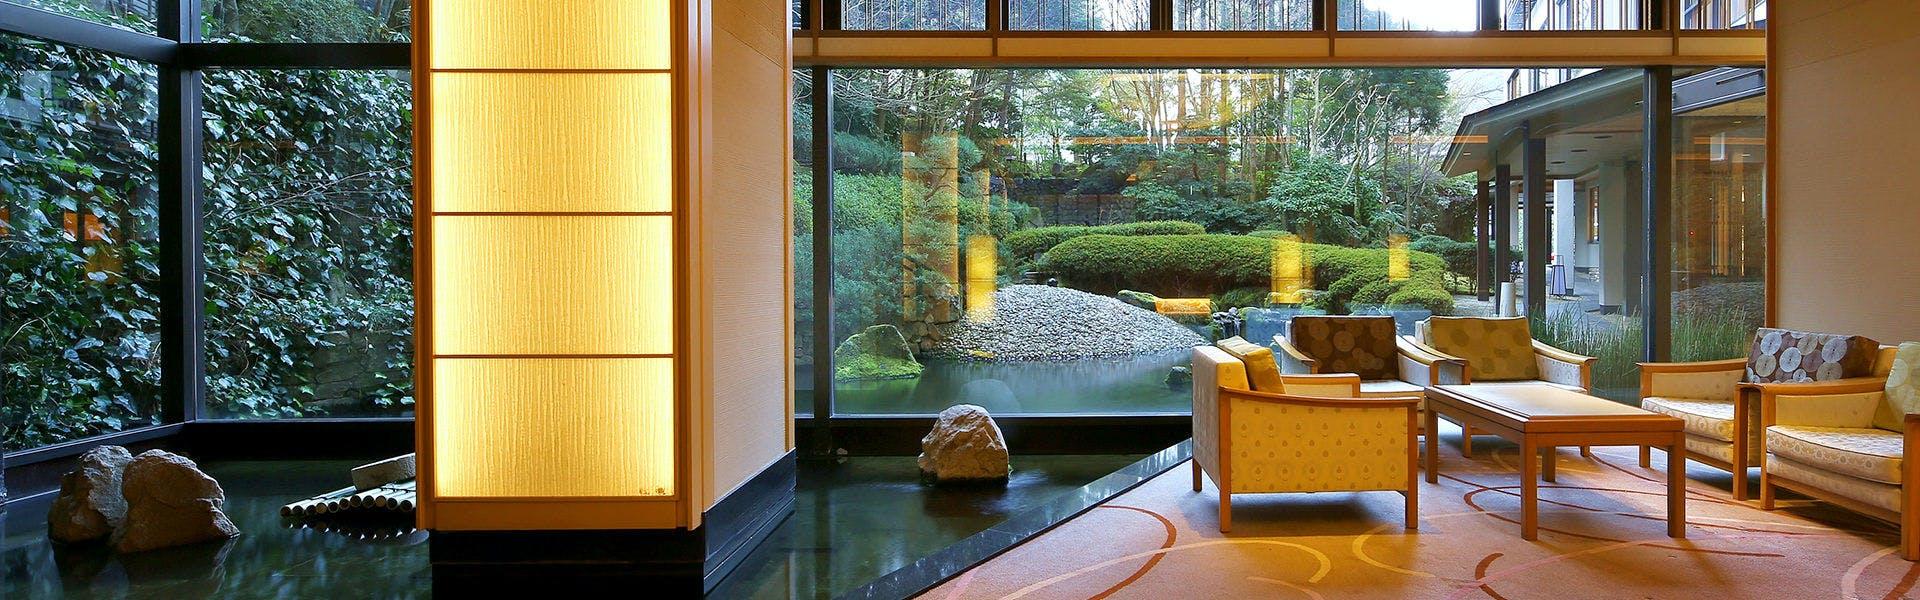 記念日におすすめのホテル・中の坊瑞苑の写真2